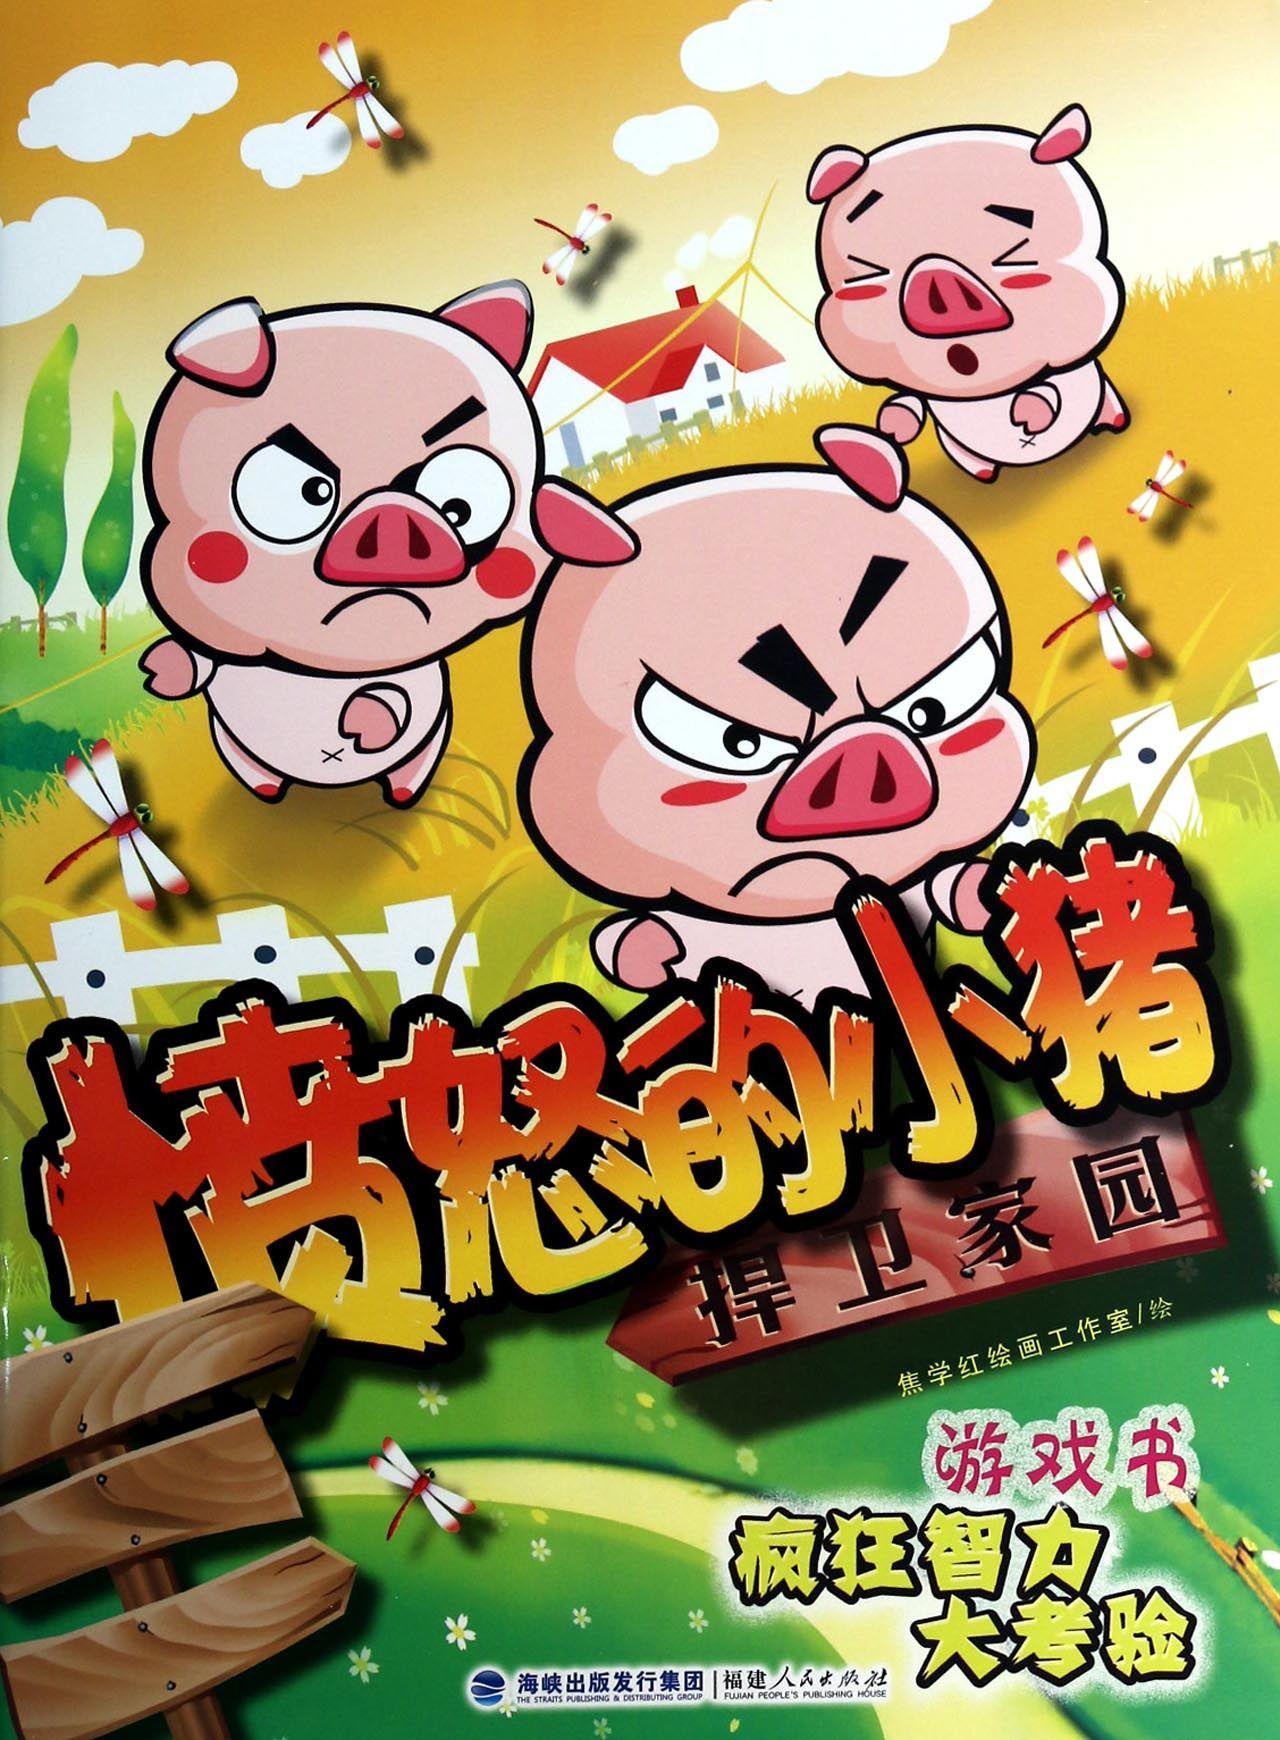 愤怒的小猪(捍卫家园)